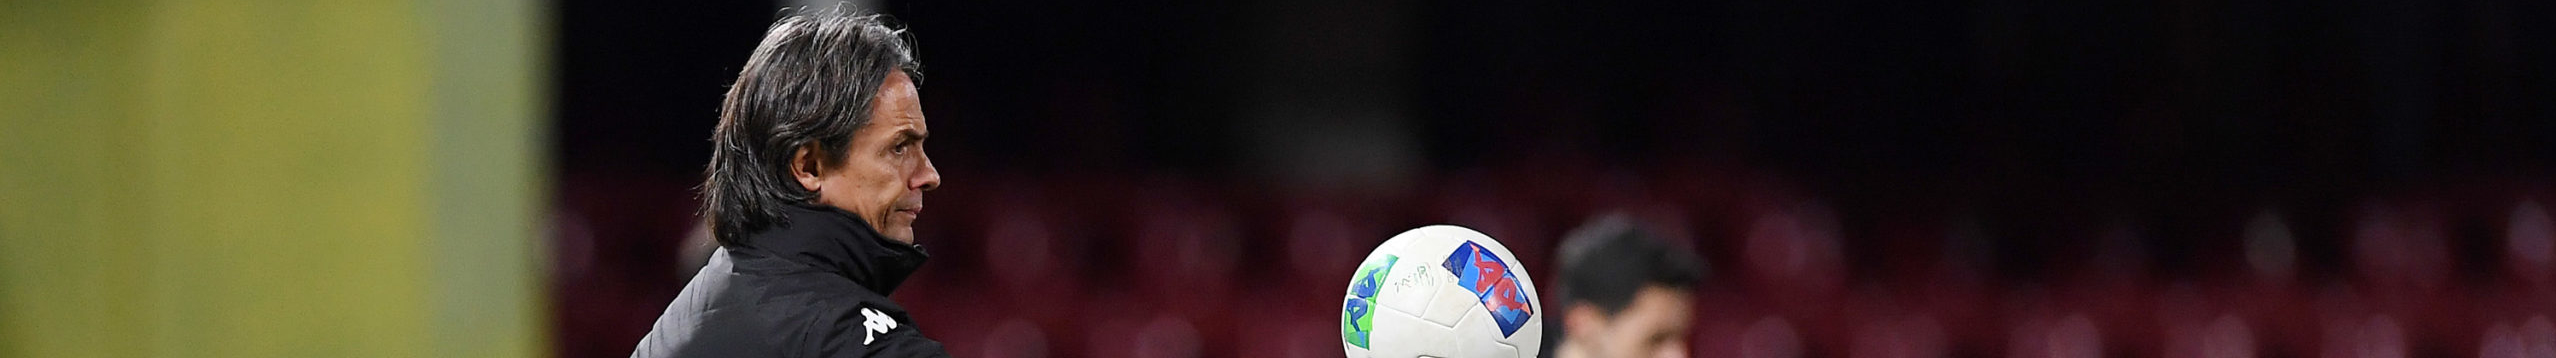 Benevento-Pescara: Inzaghi non vuol far sconti neanche a Legrottaglie